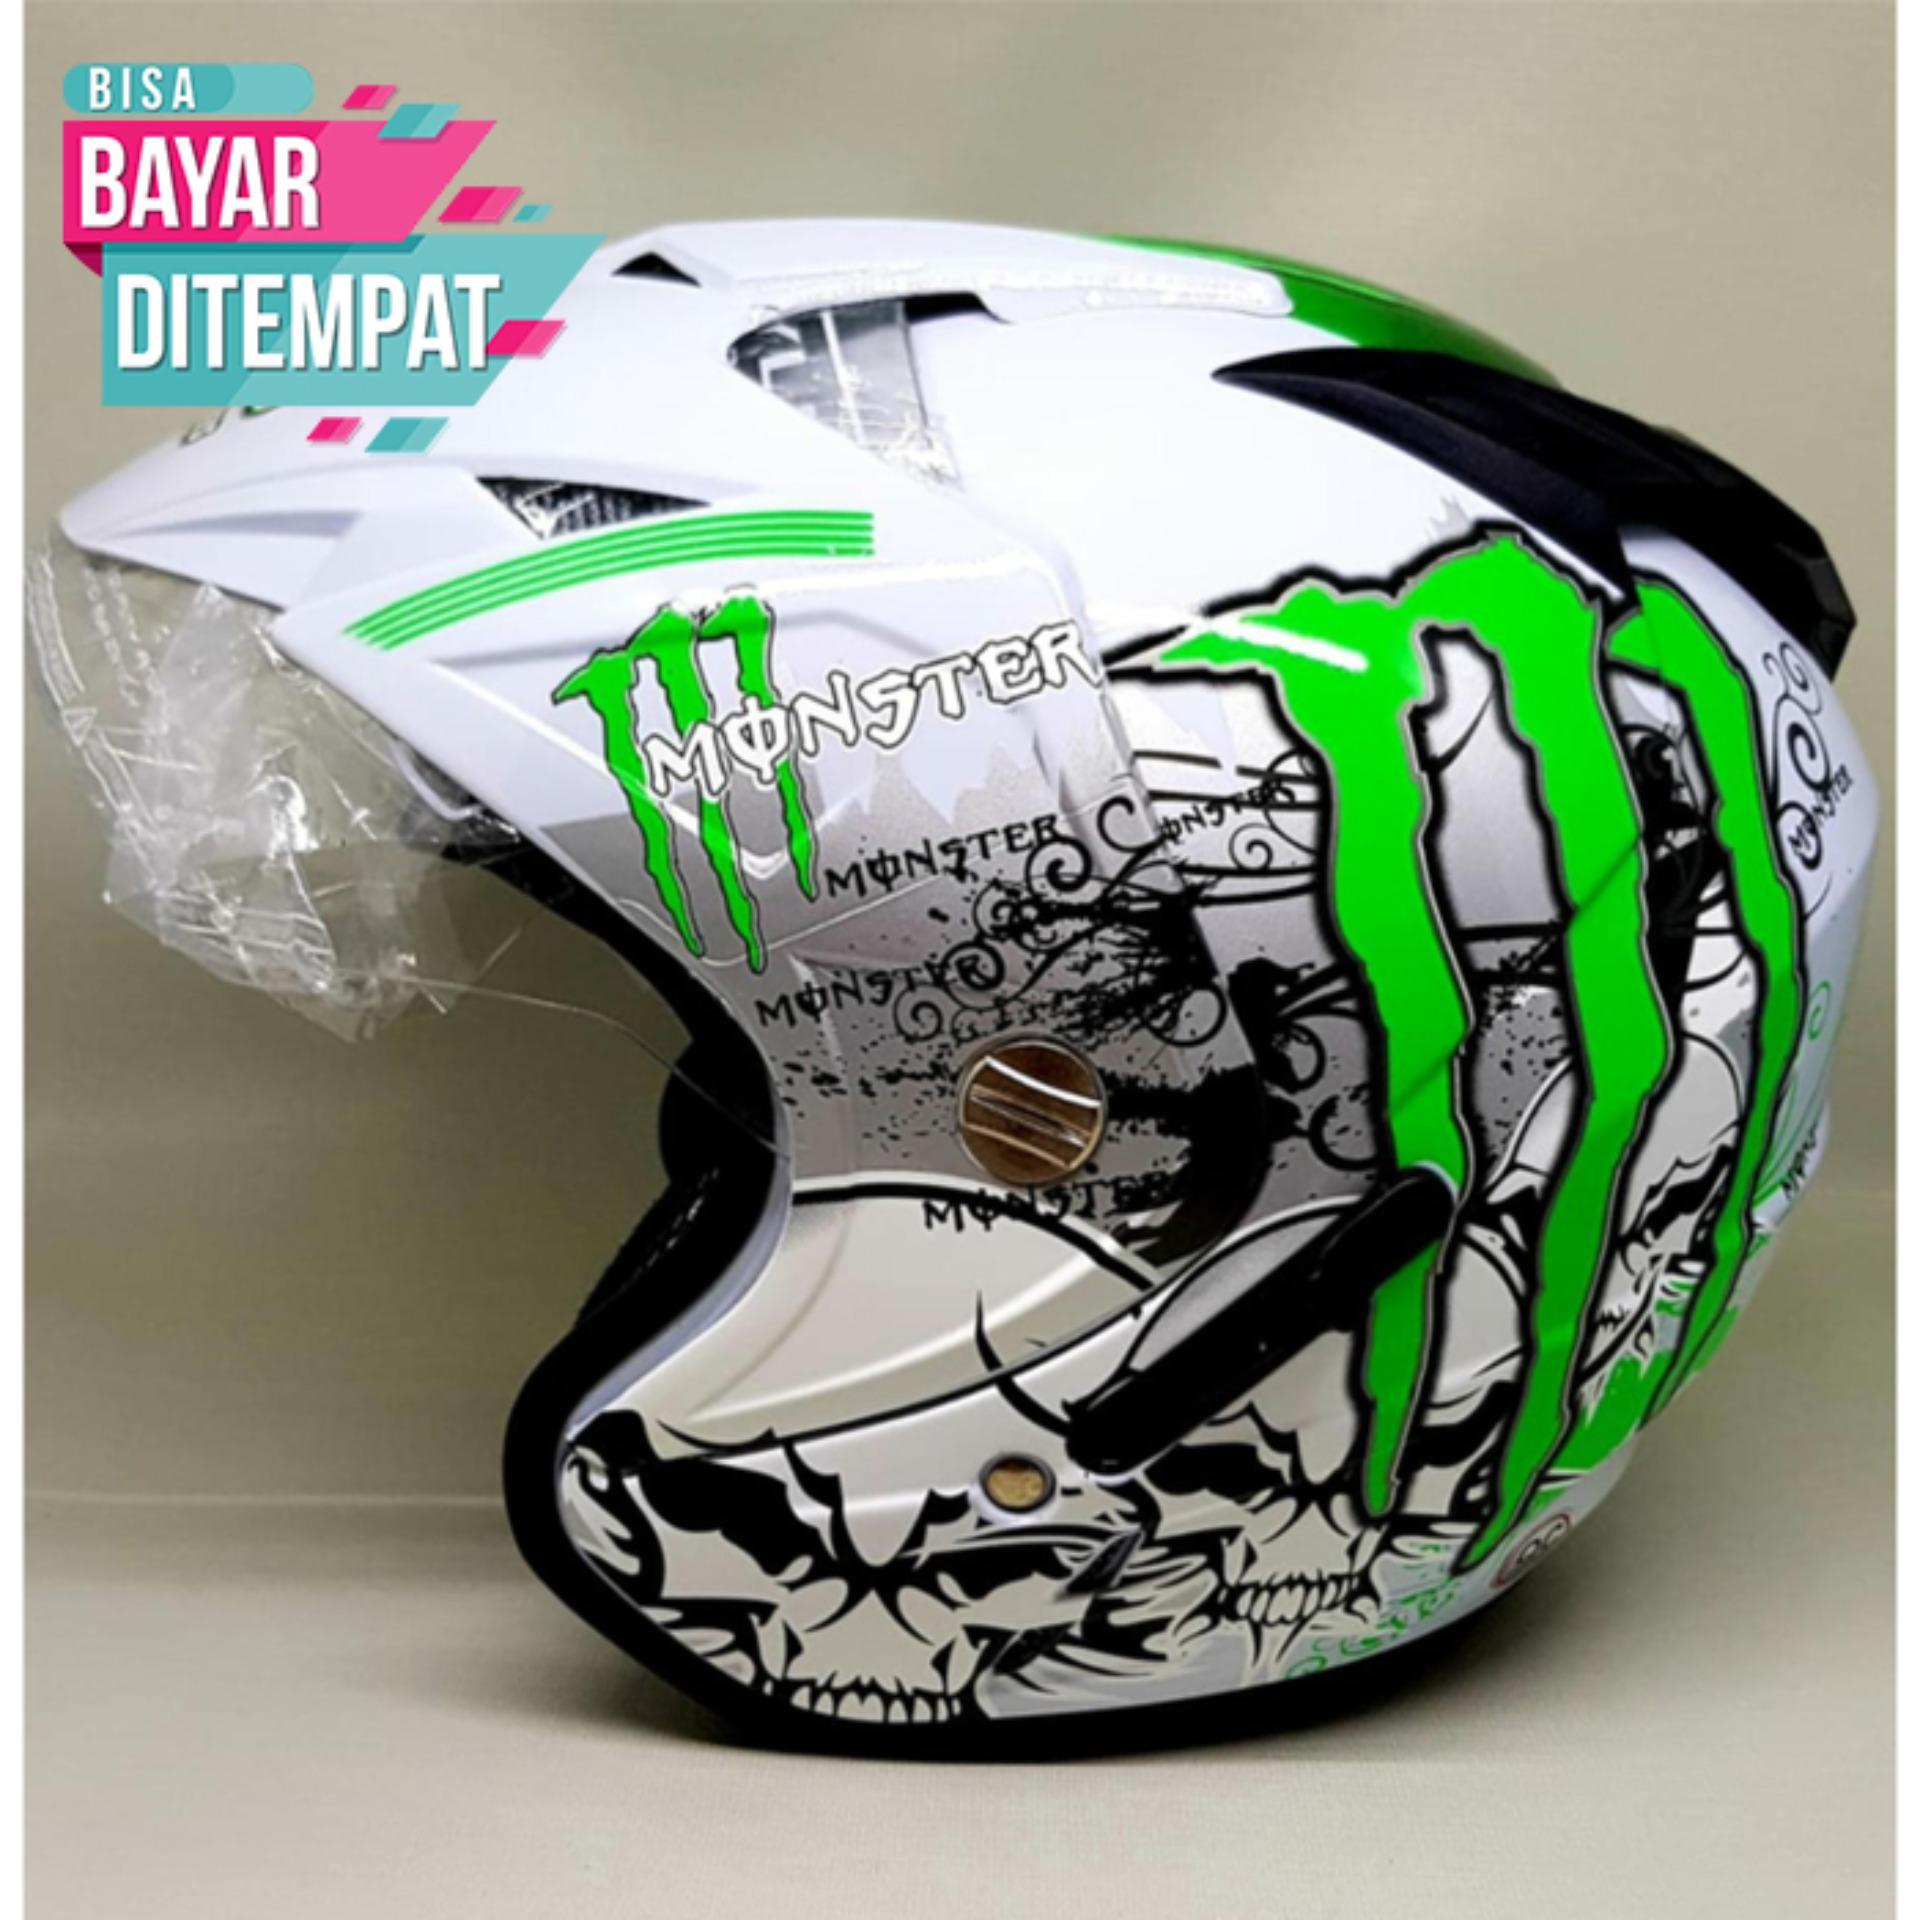 [Promo Best Seller] Helmet Double Visor TGP Motif Monster Putih Kualitas Setara Helm KYT INK GM WTO MSR BMC NHK